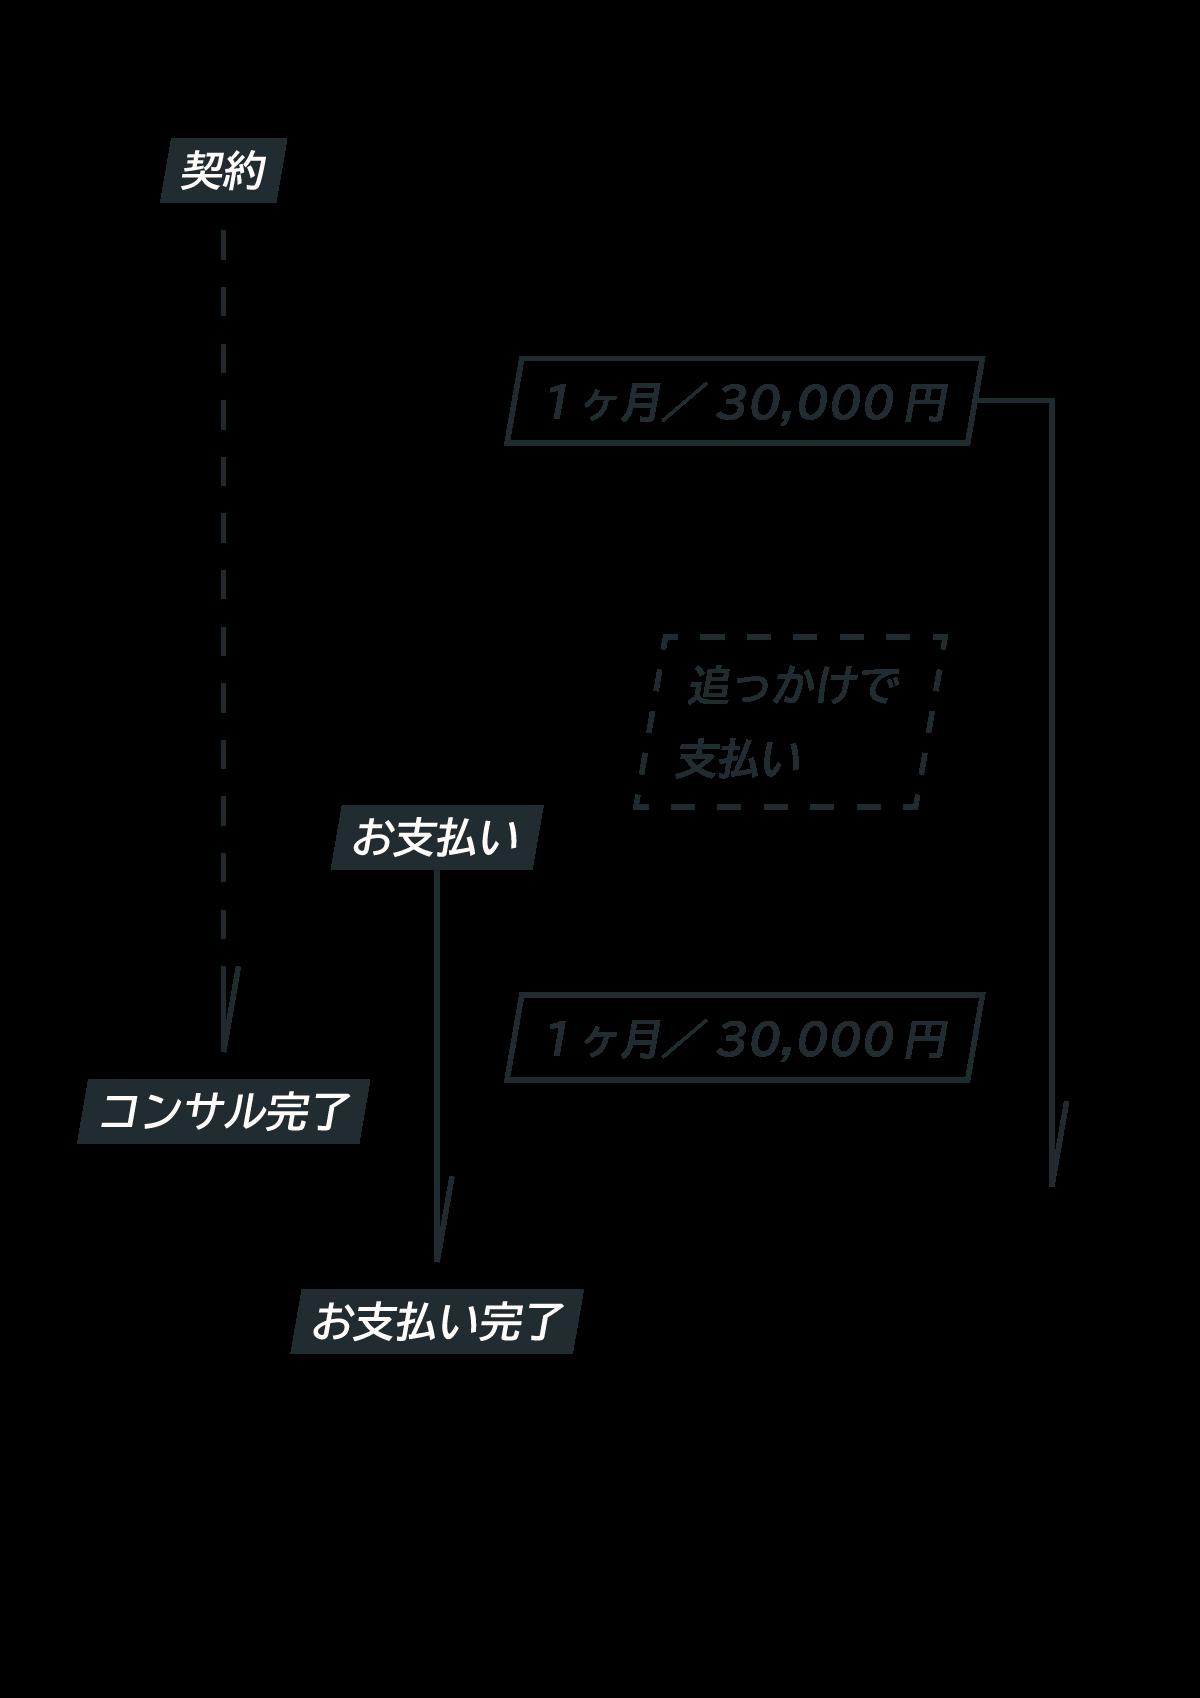 株式会社モーリス お支払い時期のイメージ